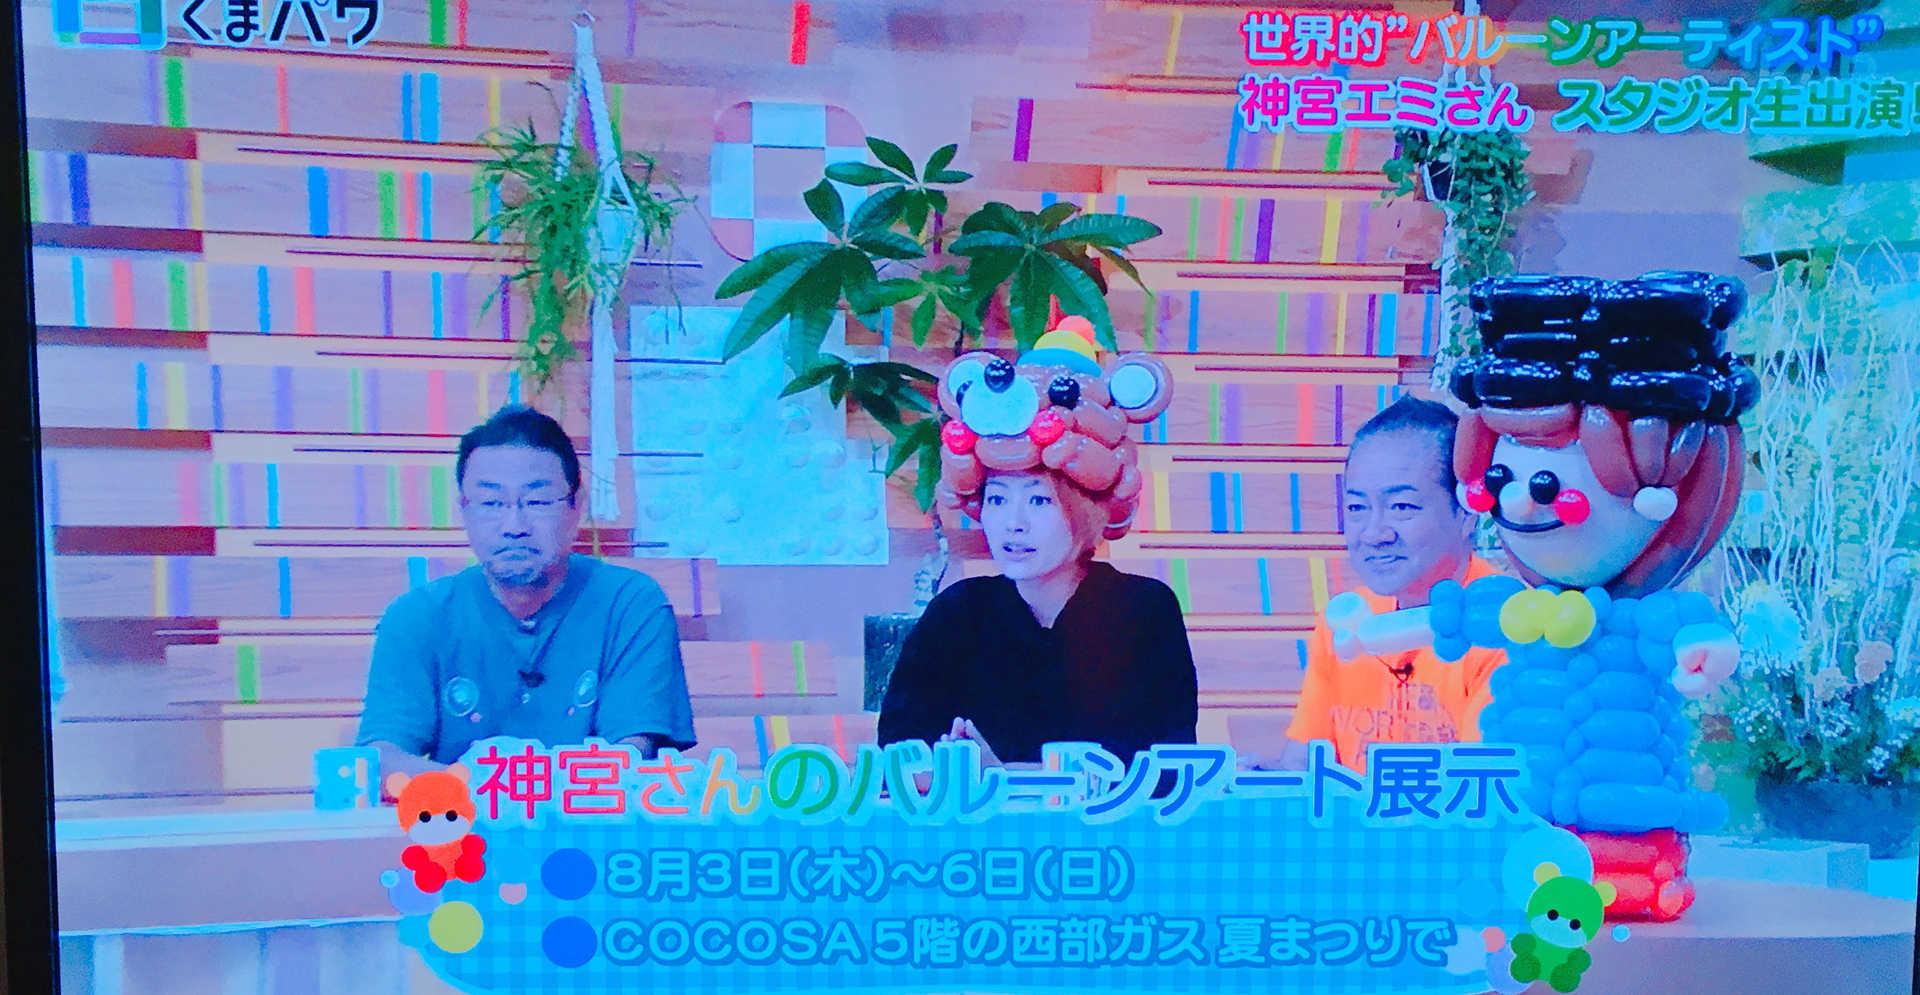 熊本朝日放送「くまパワ」ゲスト出演